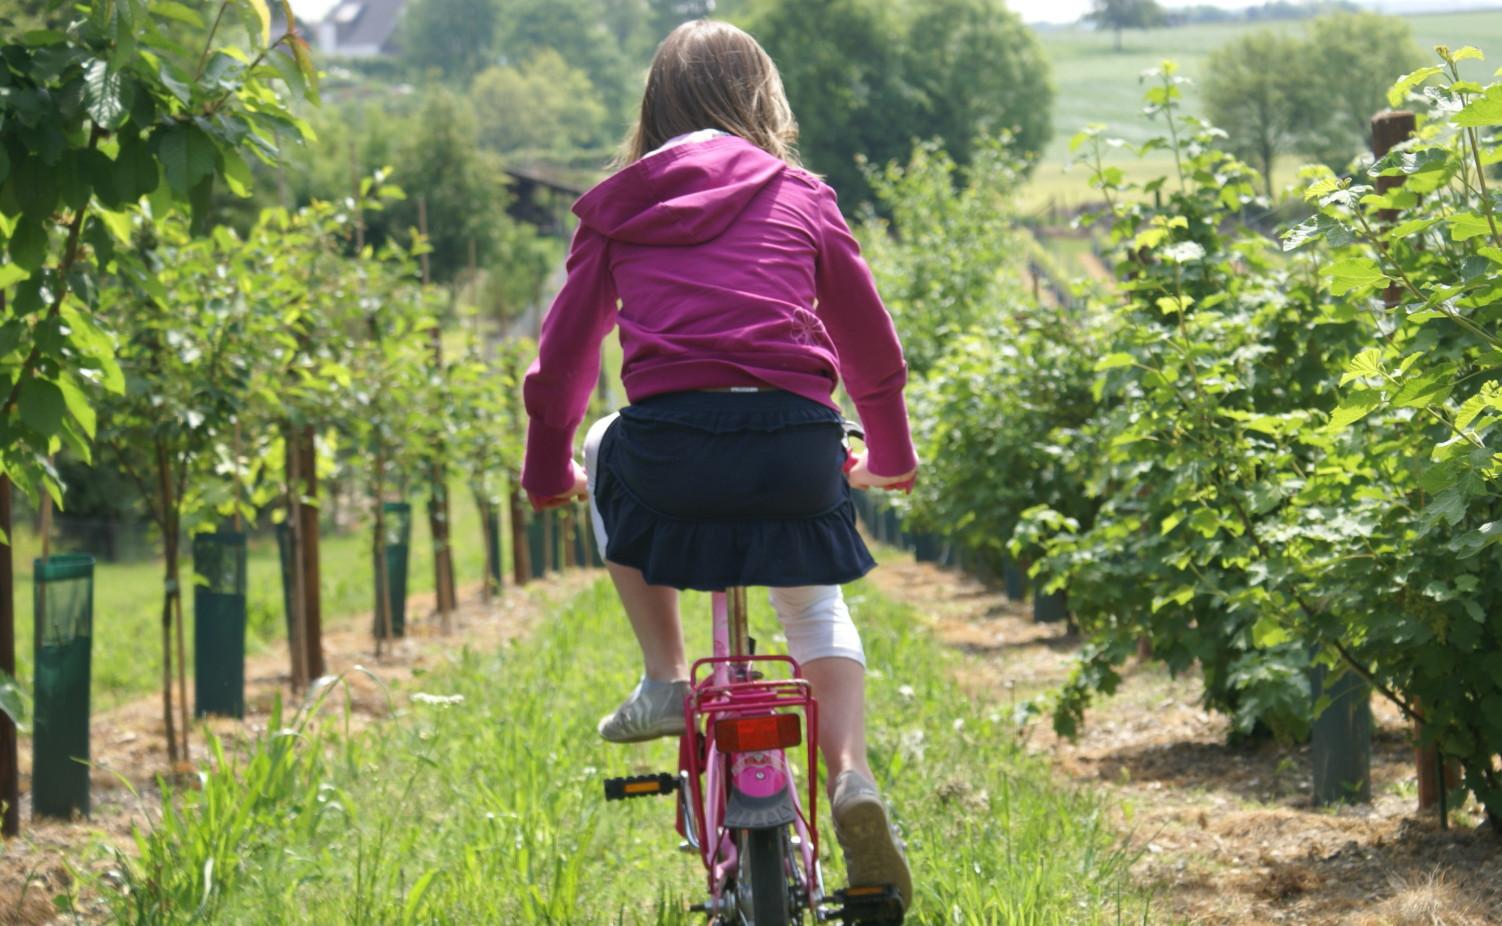 Iris op de fiets door de wijngaard...